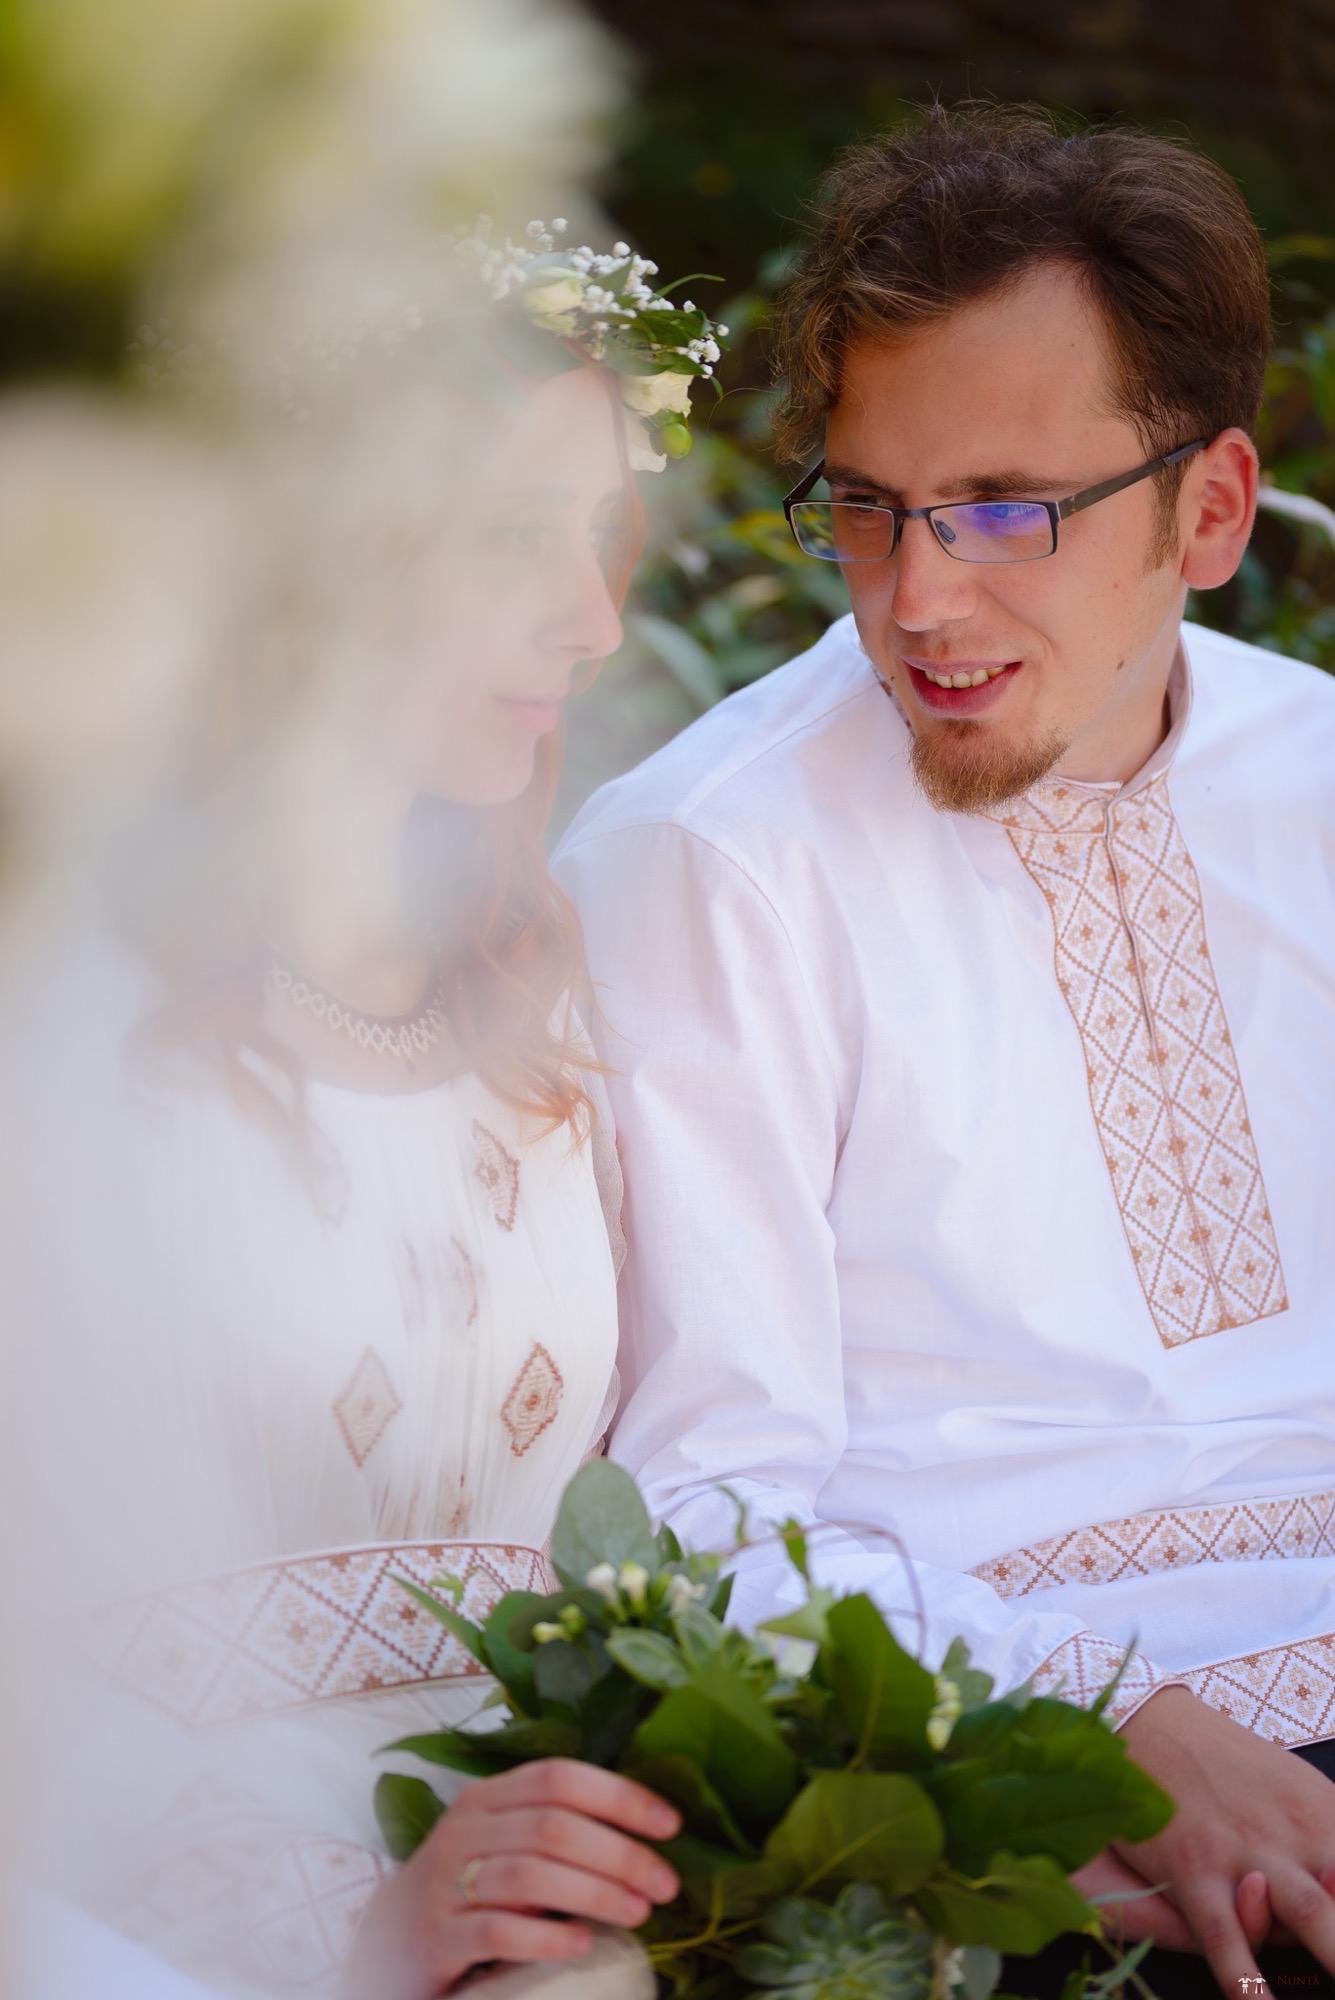 Povești Nunți Tradiționale - Aurelian și Sonia. Nuntă tradițională în Câmpulung Moldovenesc 31